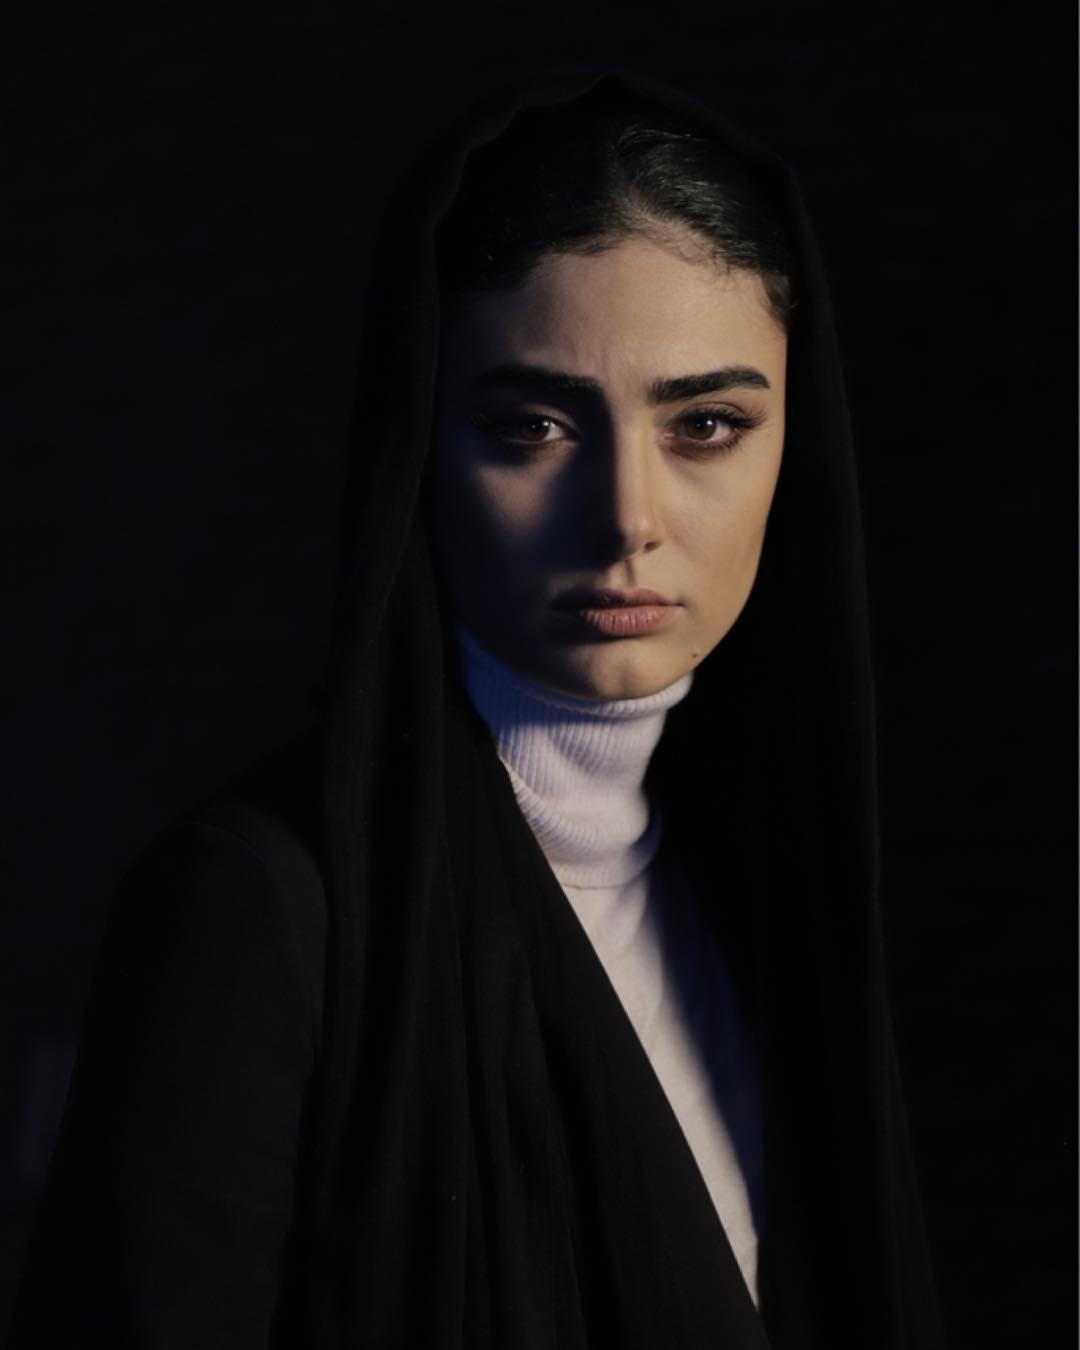 بیوگرافی الهه جعفری بازیگر خوش استایل +اینستاگرام